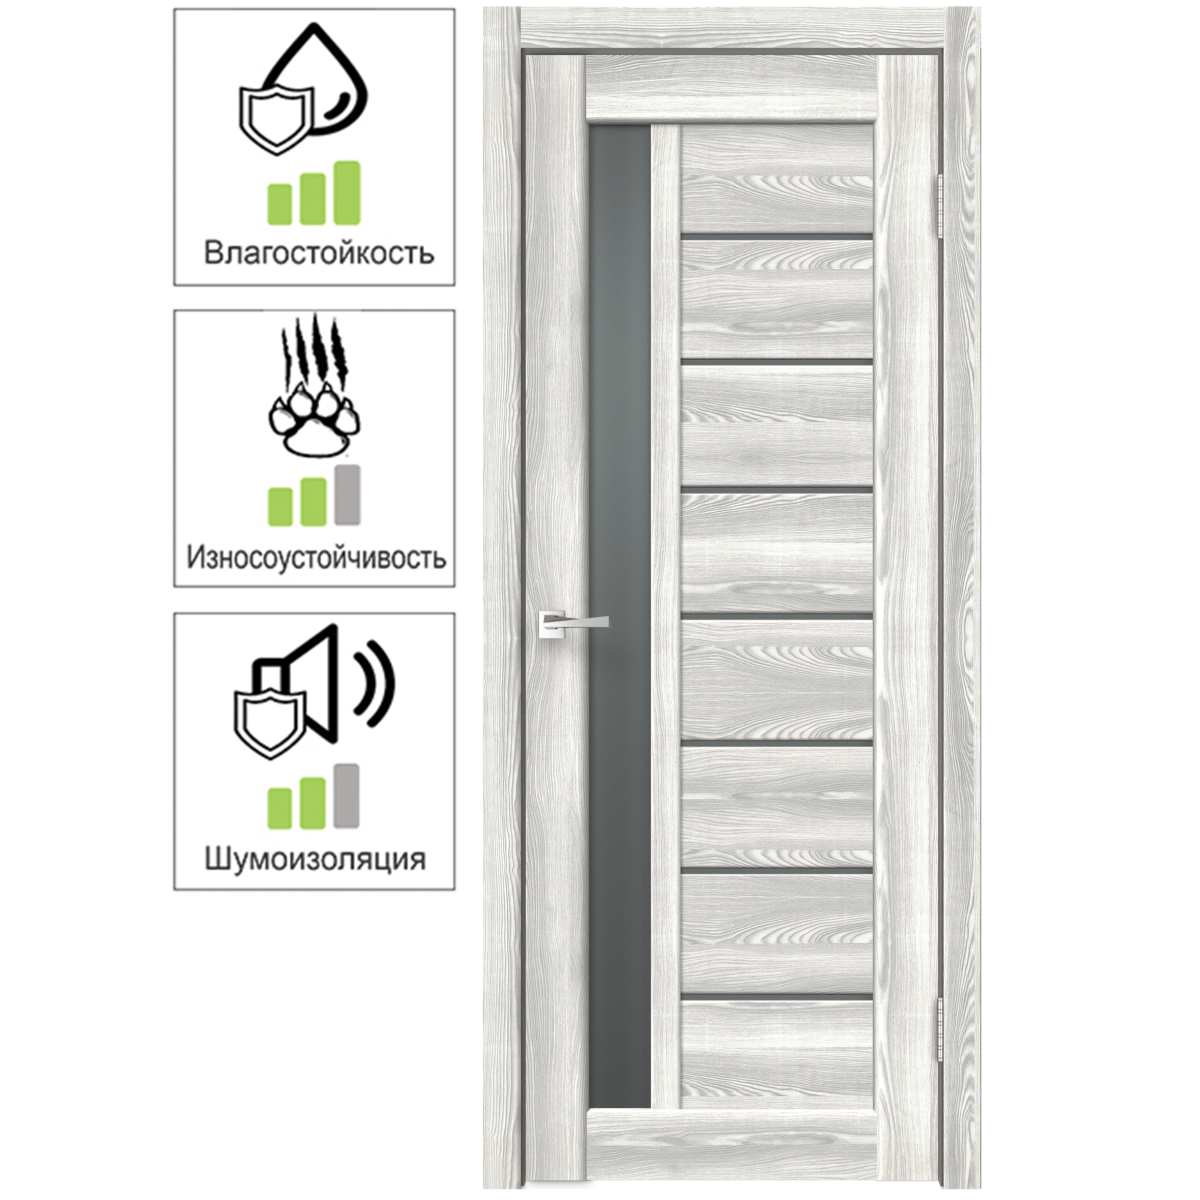 Дверь межкомнатная остеклённая Сиэтл 8 80х200 см с фурнитурой цвет светлый клён